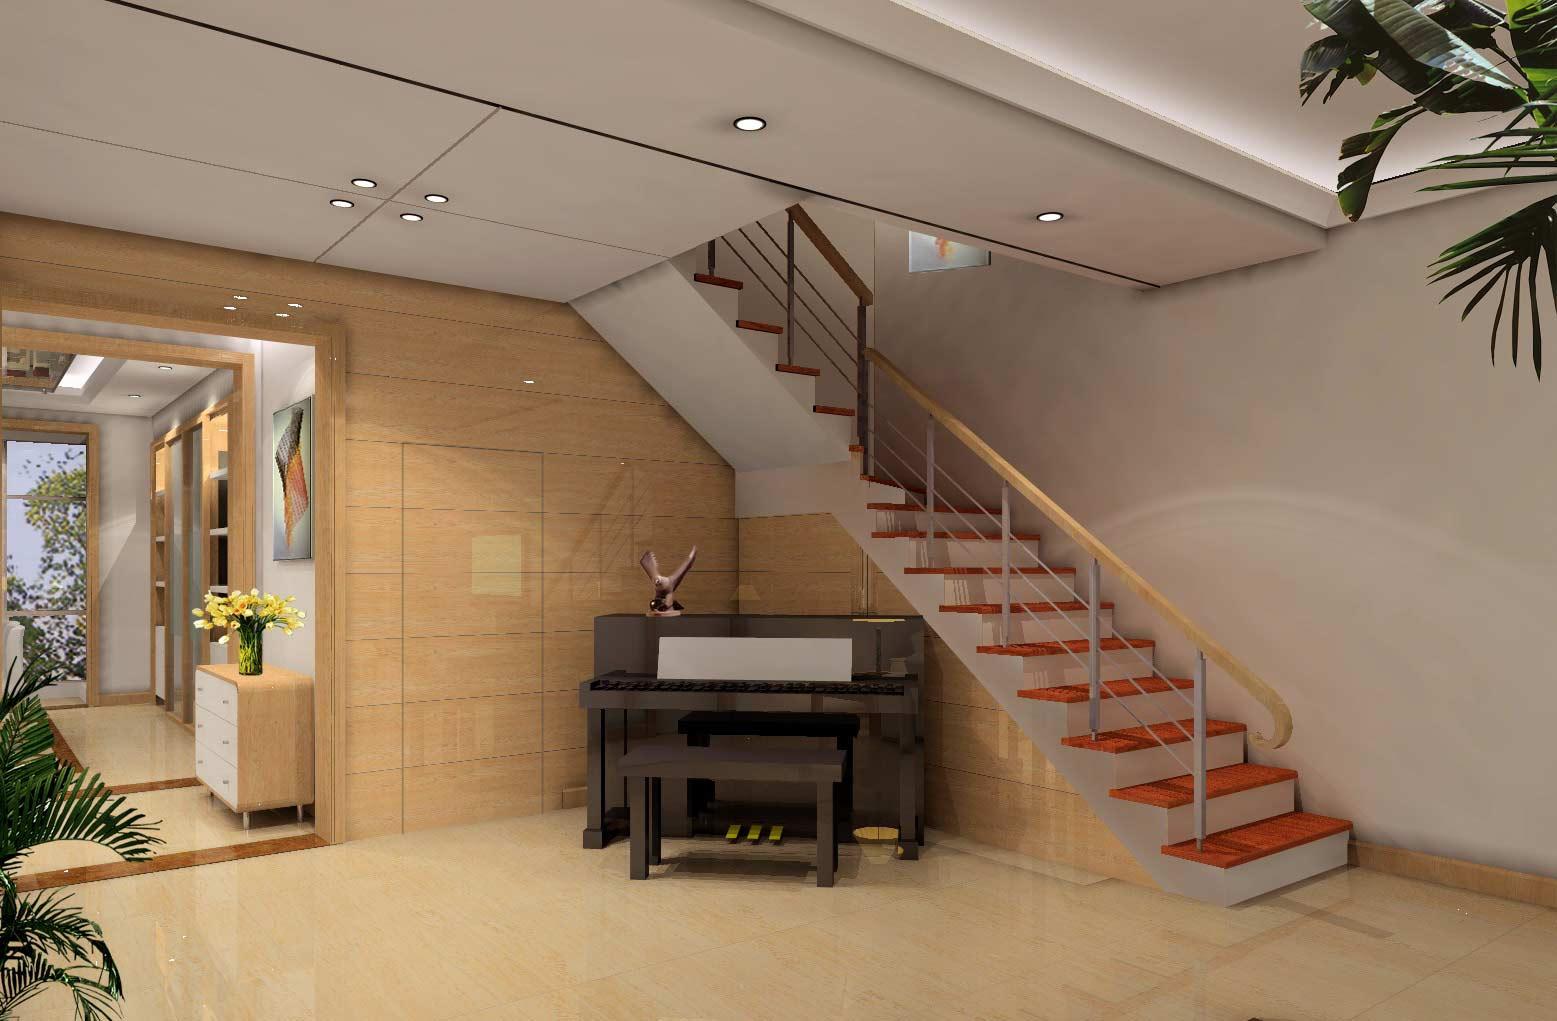 樓梯間的客廳 可以很不一樣